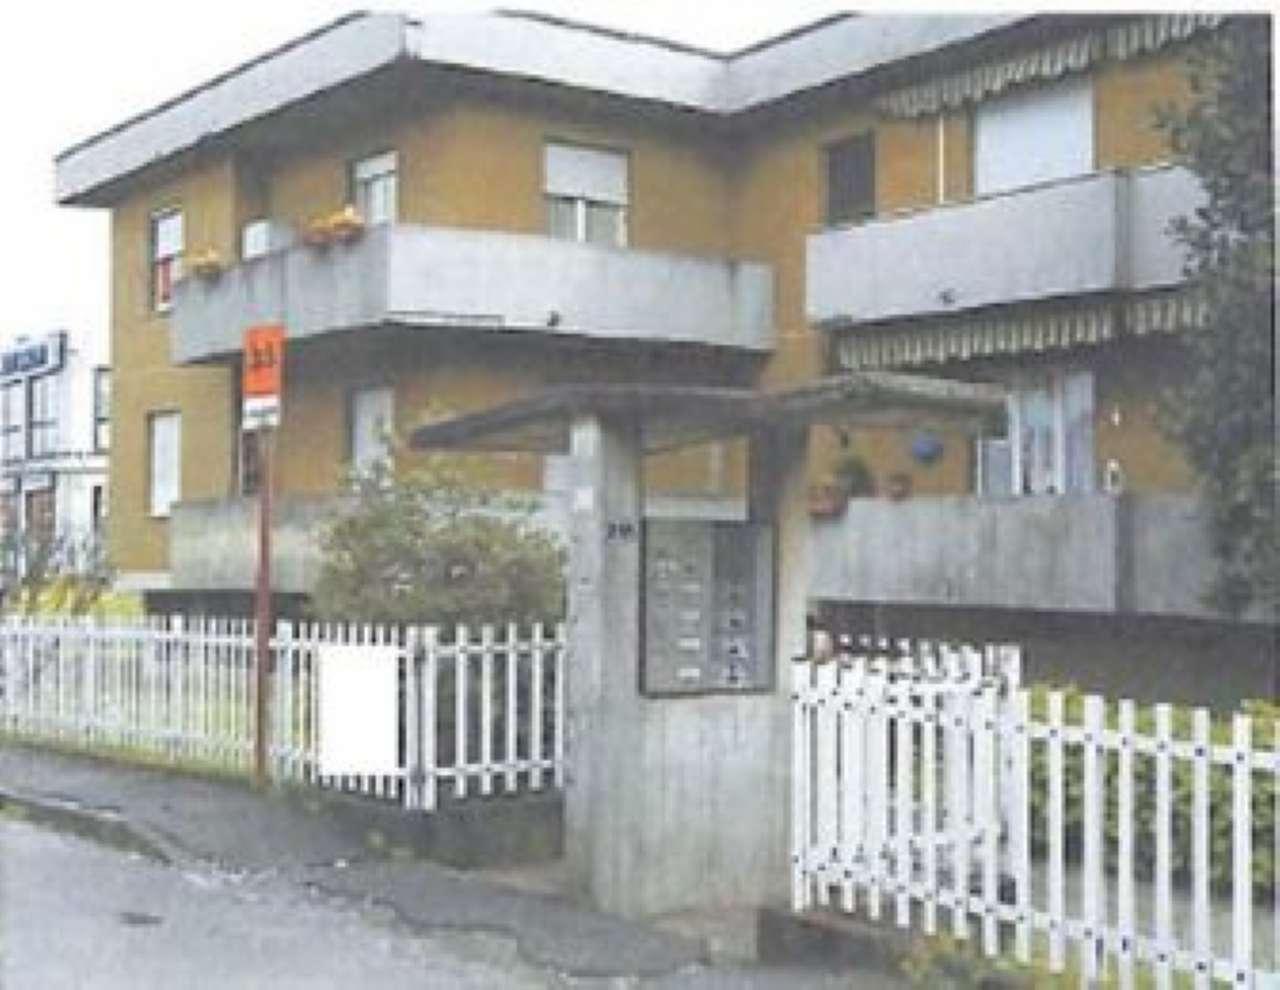 Appartamento in vendita a Osio Sotto, 3 locali, prezzo € 41.765 | PortaleAgenzieImmobiliari.it